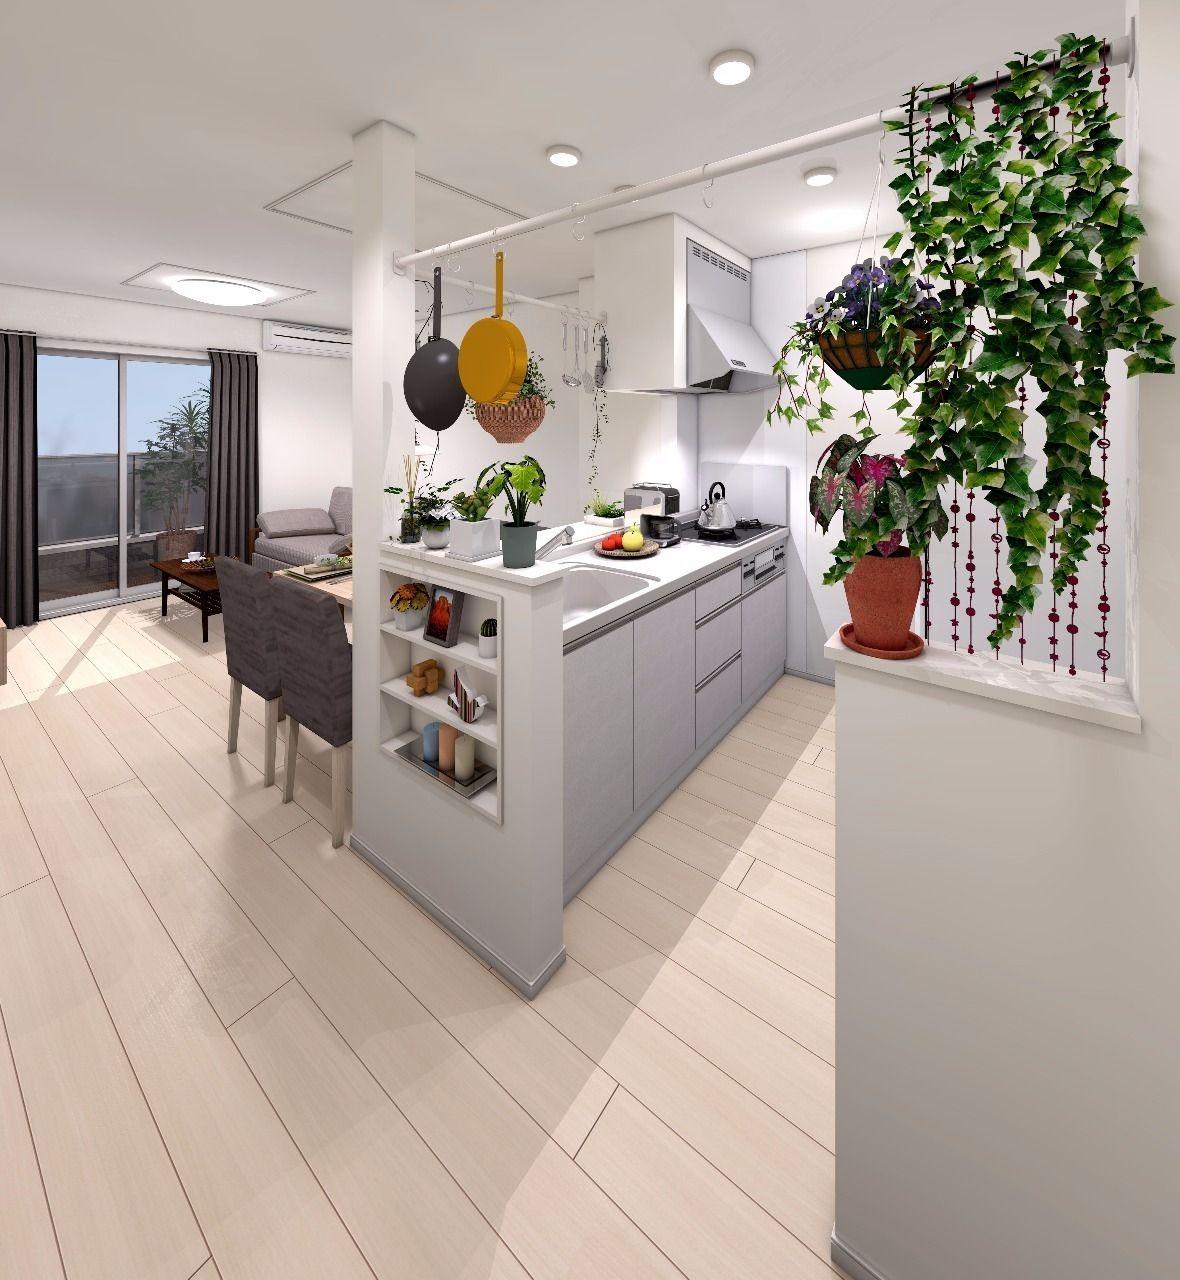 手前の棚「アクセントニッチ」には小物を収納でき、調理器具等を掛けられるマルチバーも活躍間違いなしです!